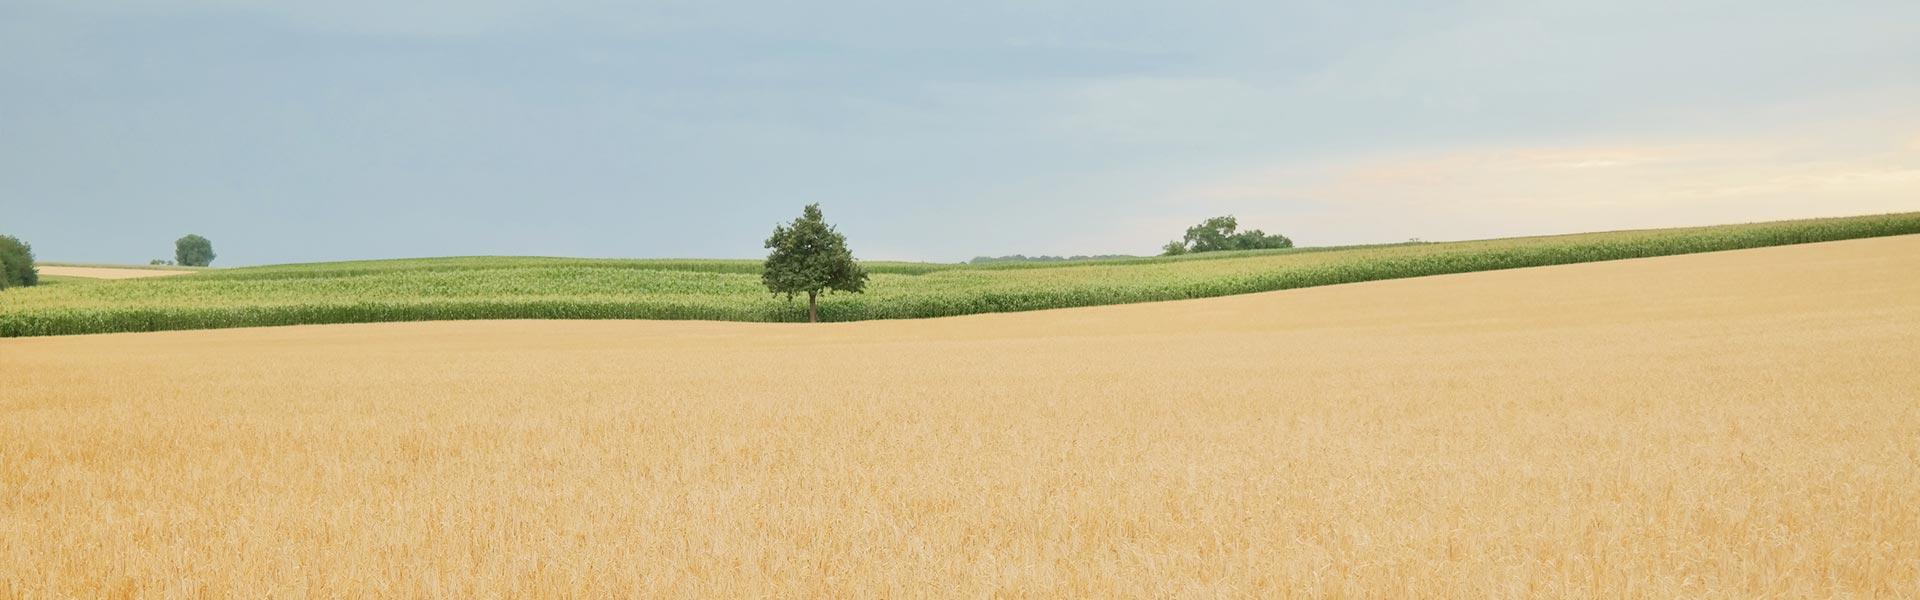 agrarslider2